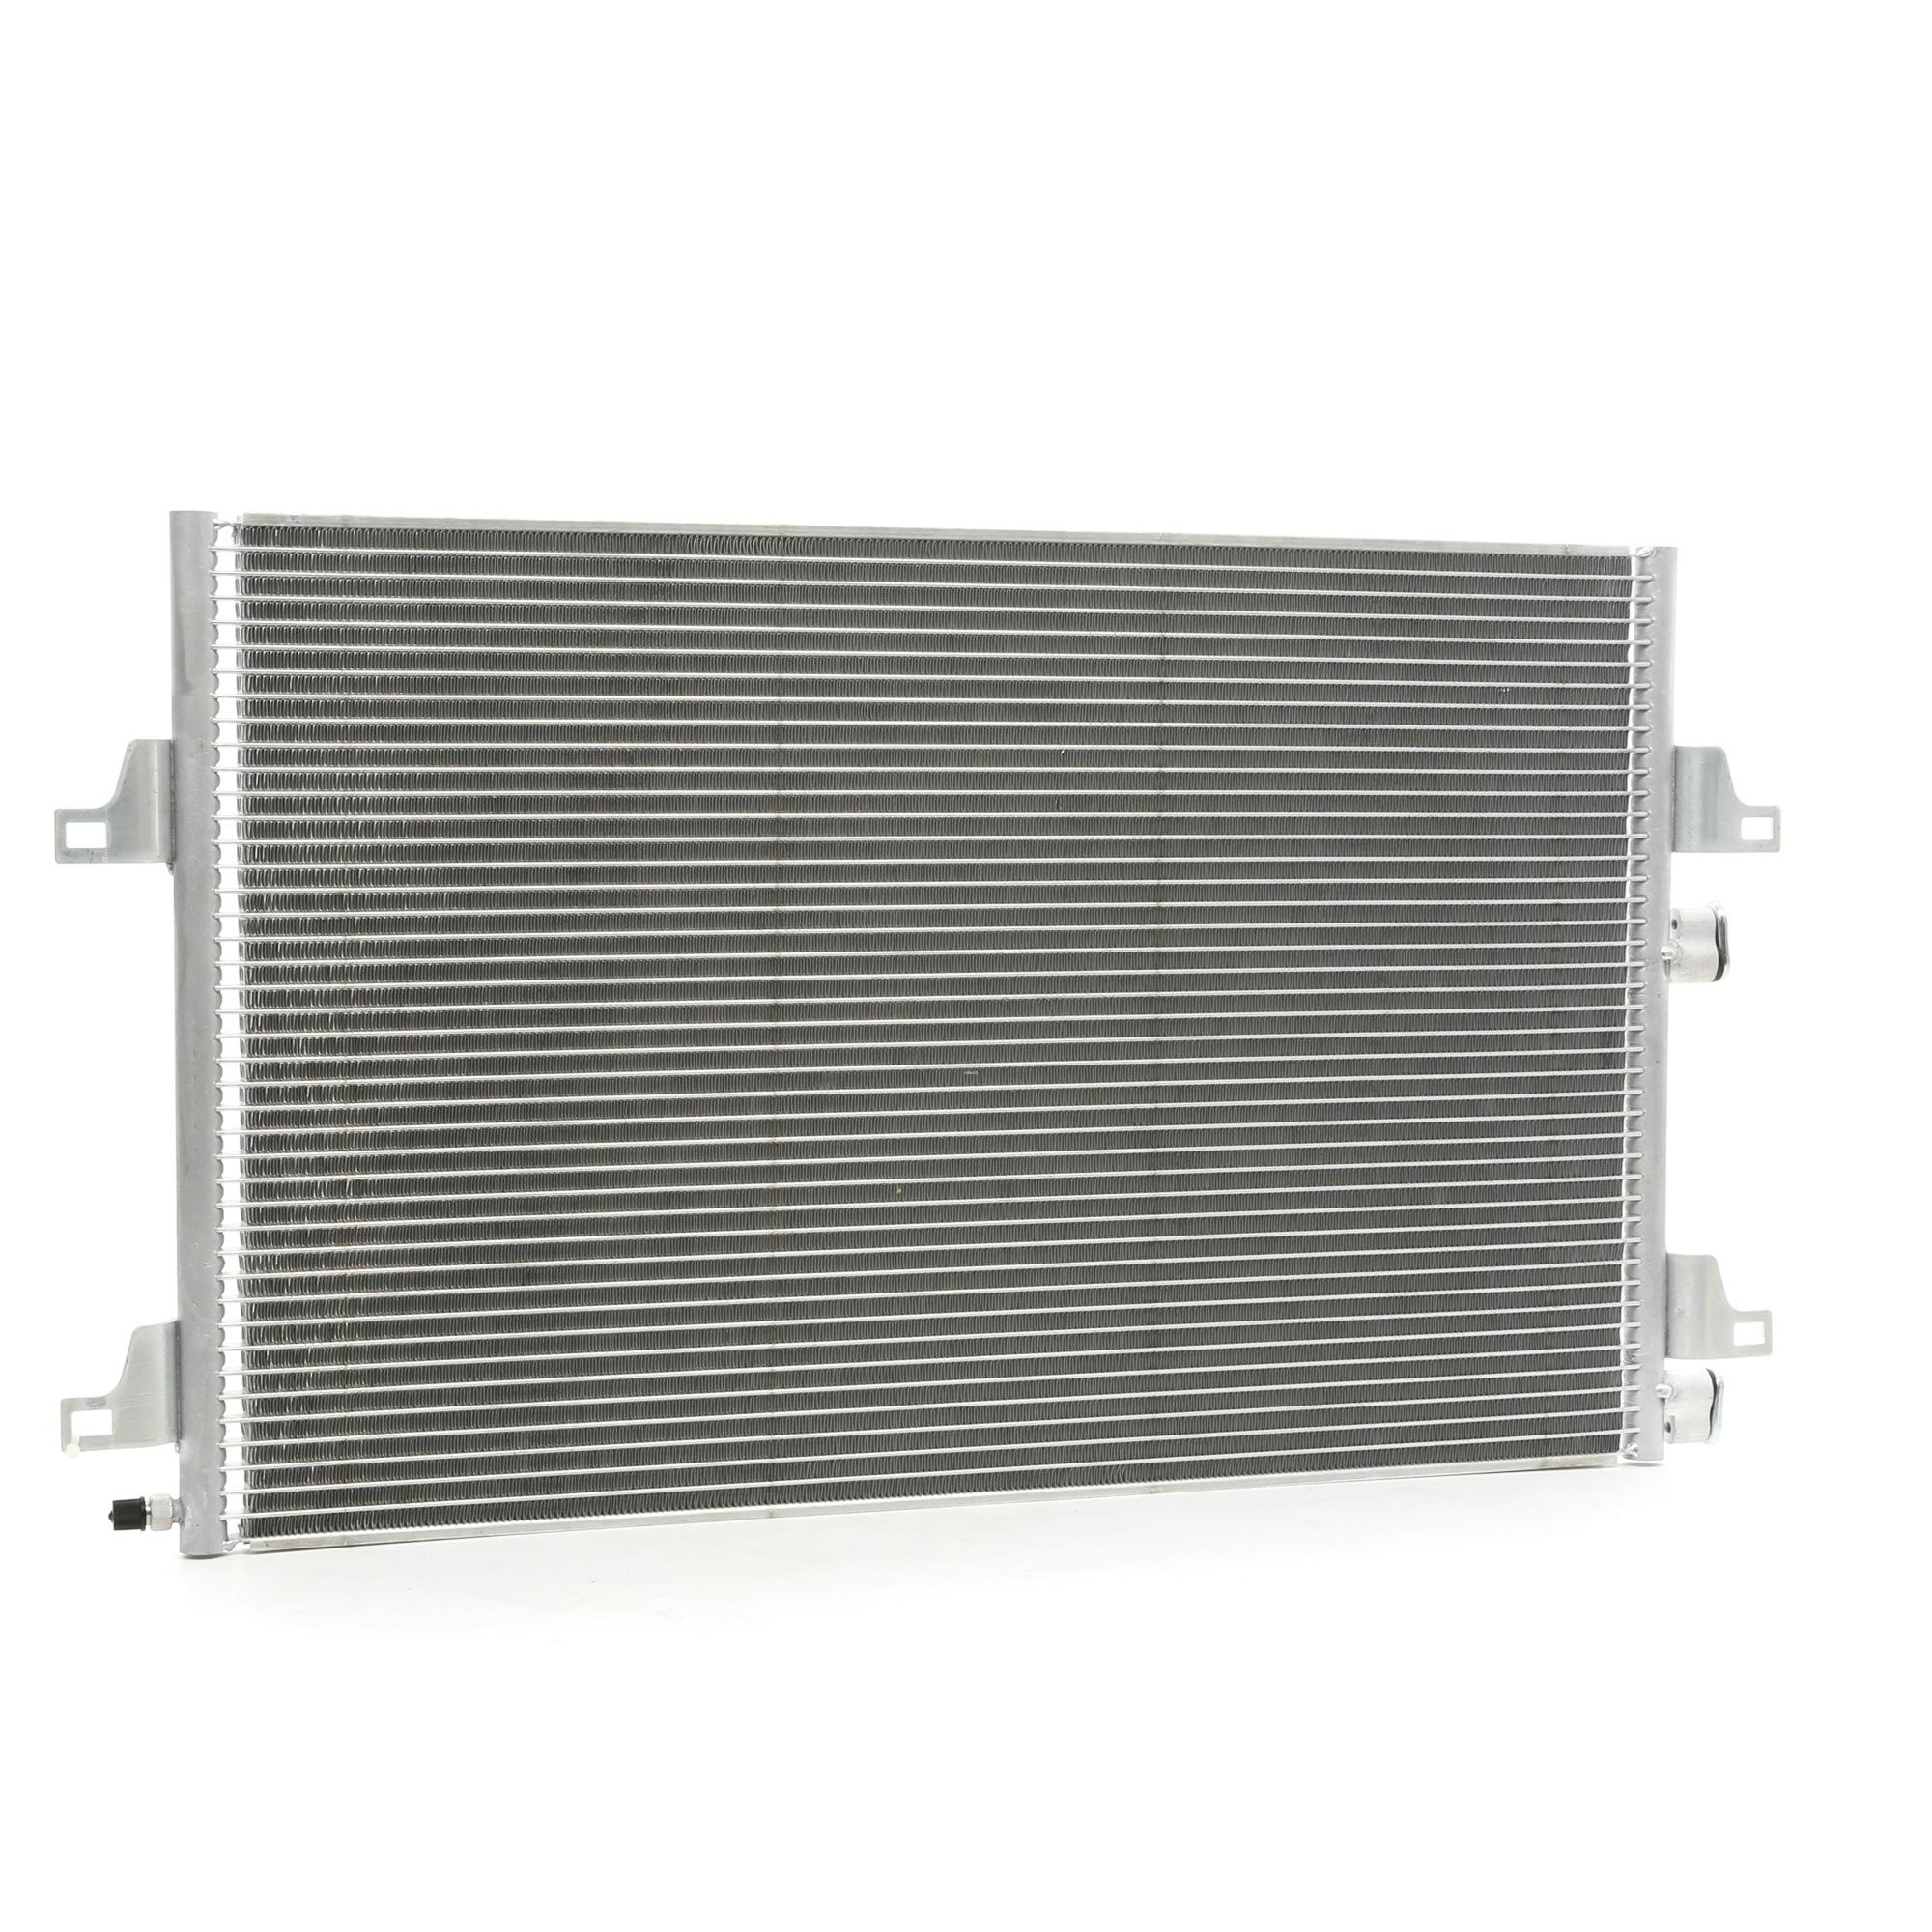 RENAULT ESPACE 2020 Klimakühler - Original RIDEX 448C0256 Netzmaße: 698 x 427 x 16 mm